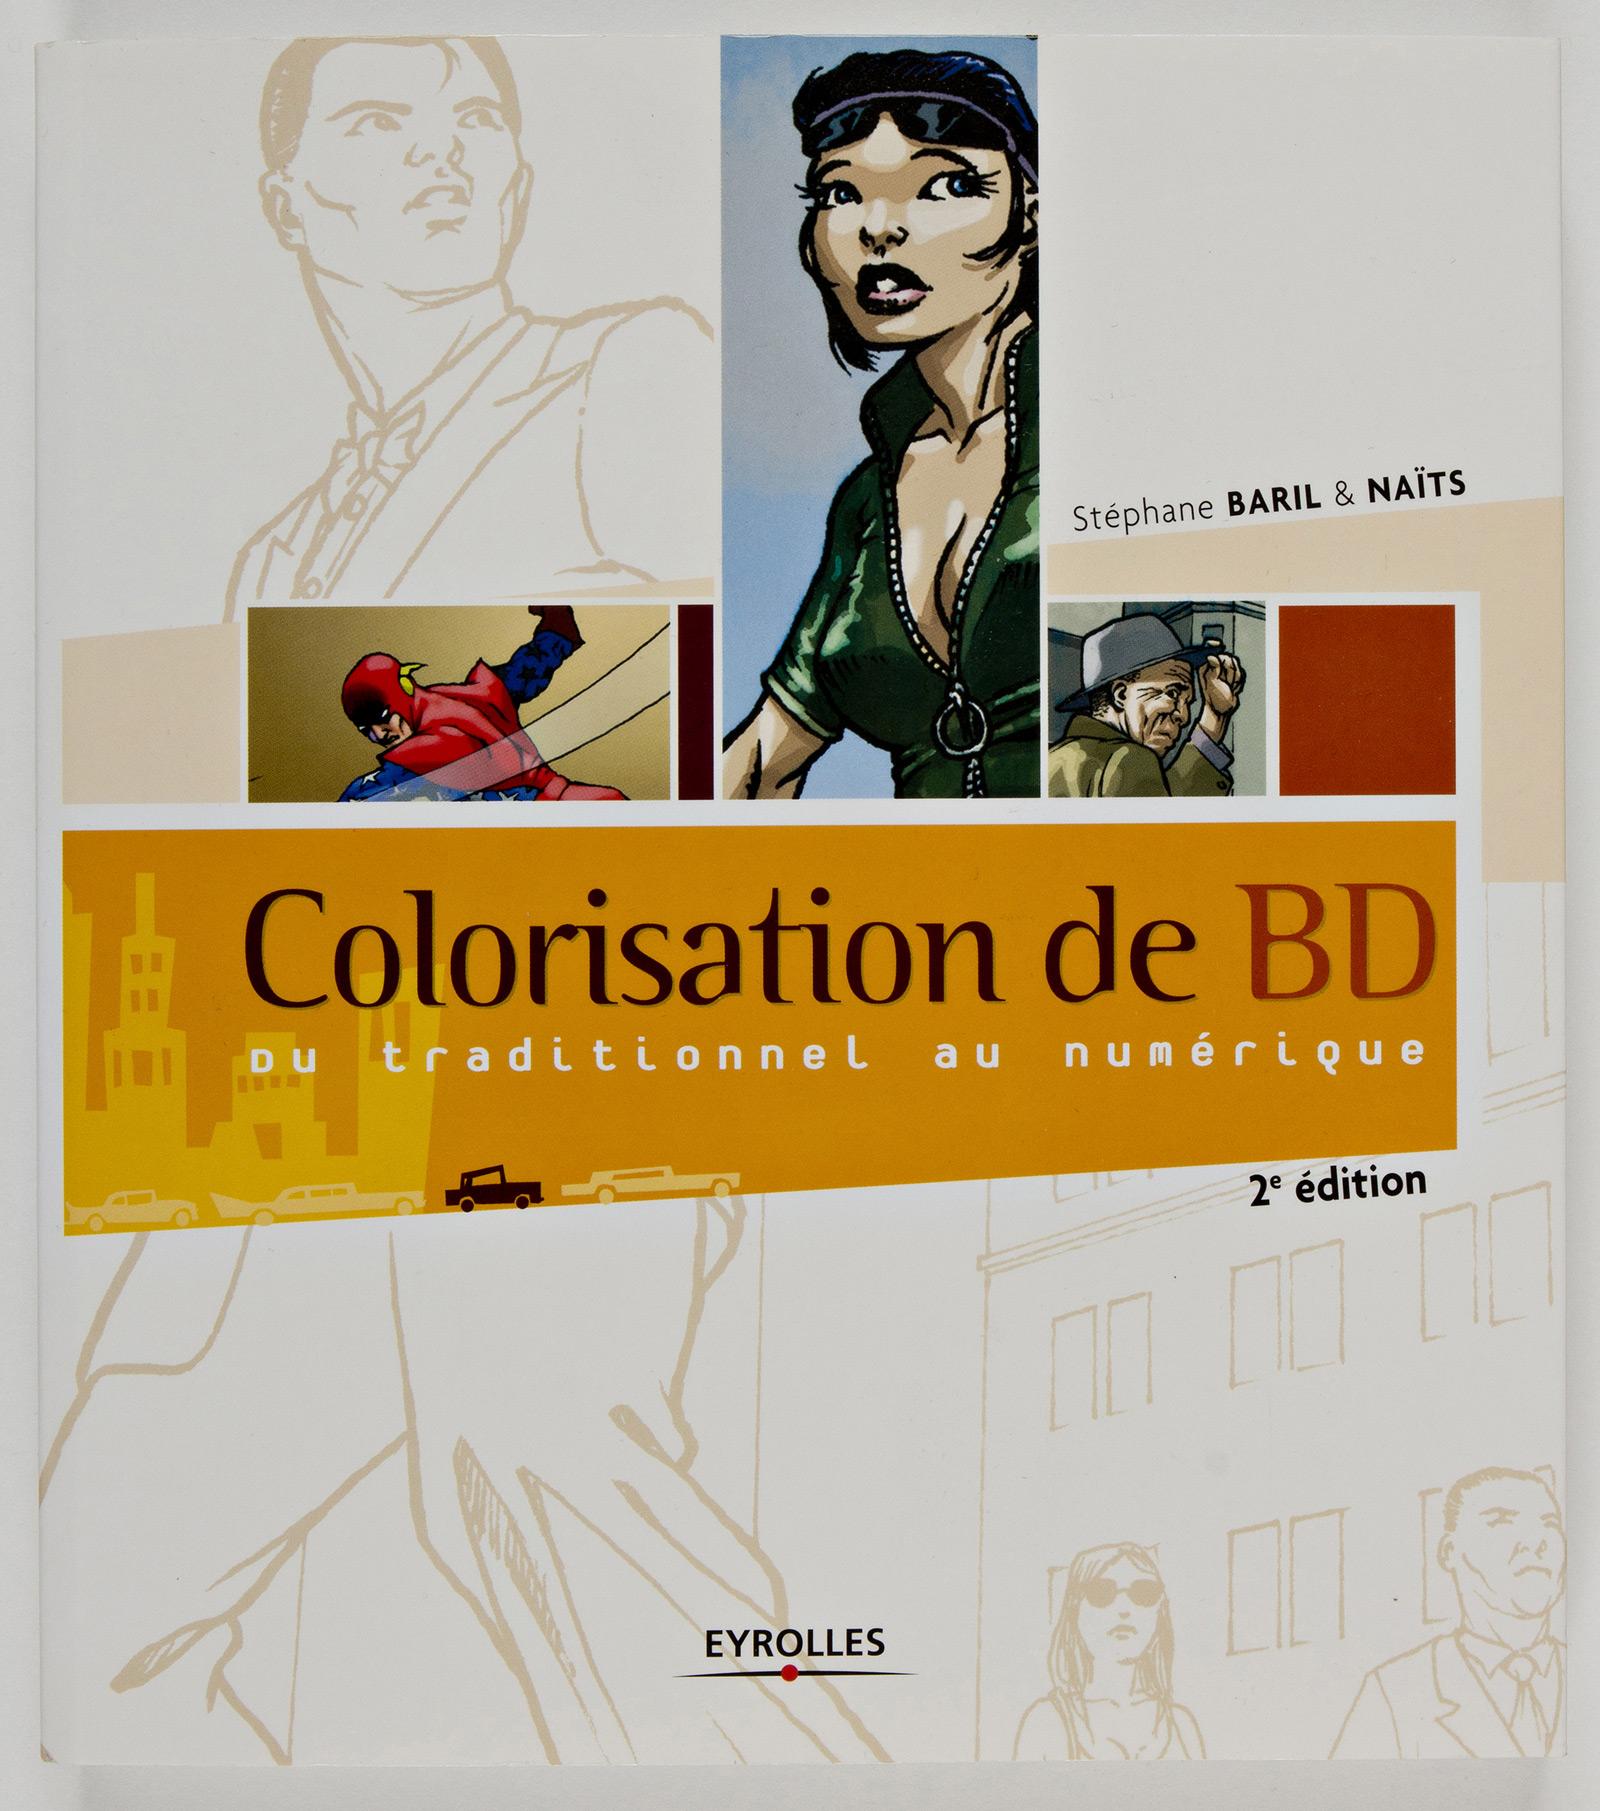 http://www.typogabor.com/Media/colorisation_stephane_baril_1600px/colorisation_stephane_baril_002.jpg